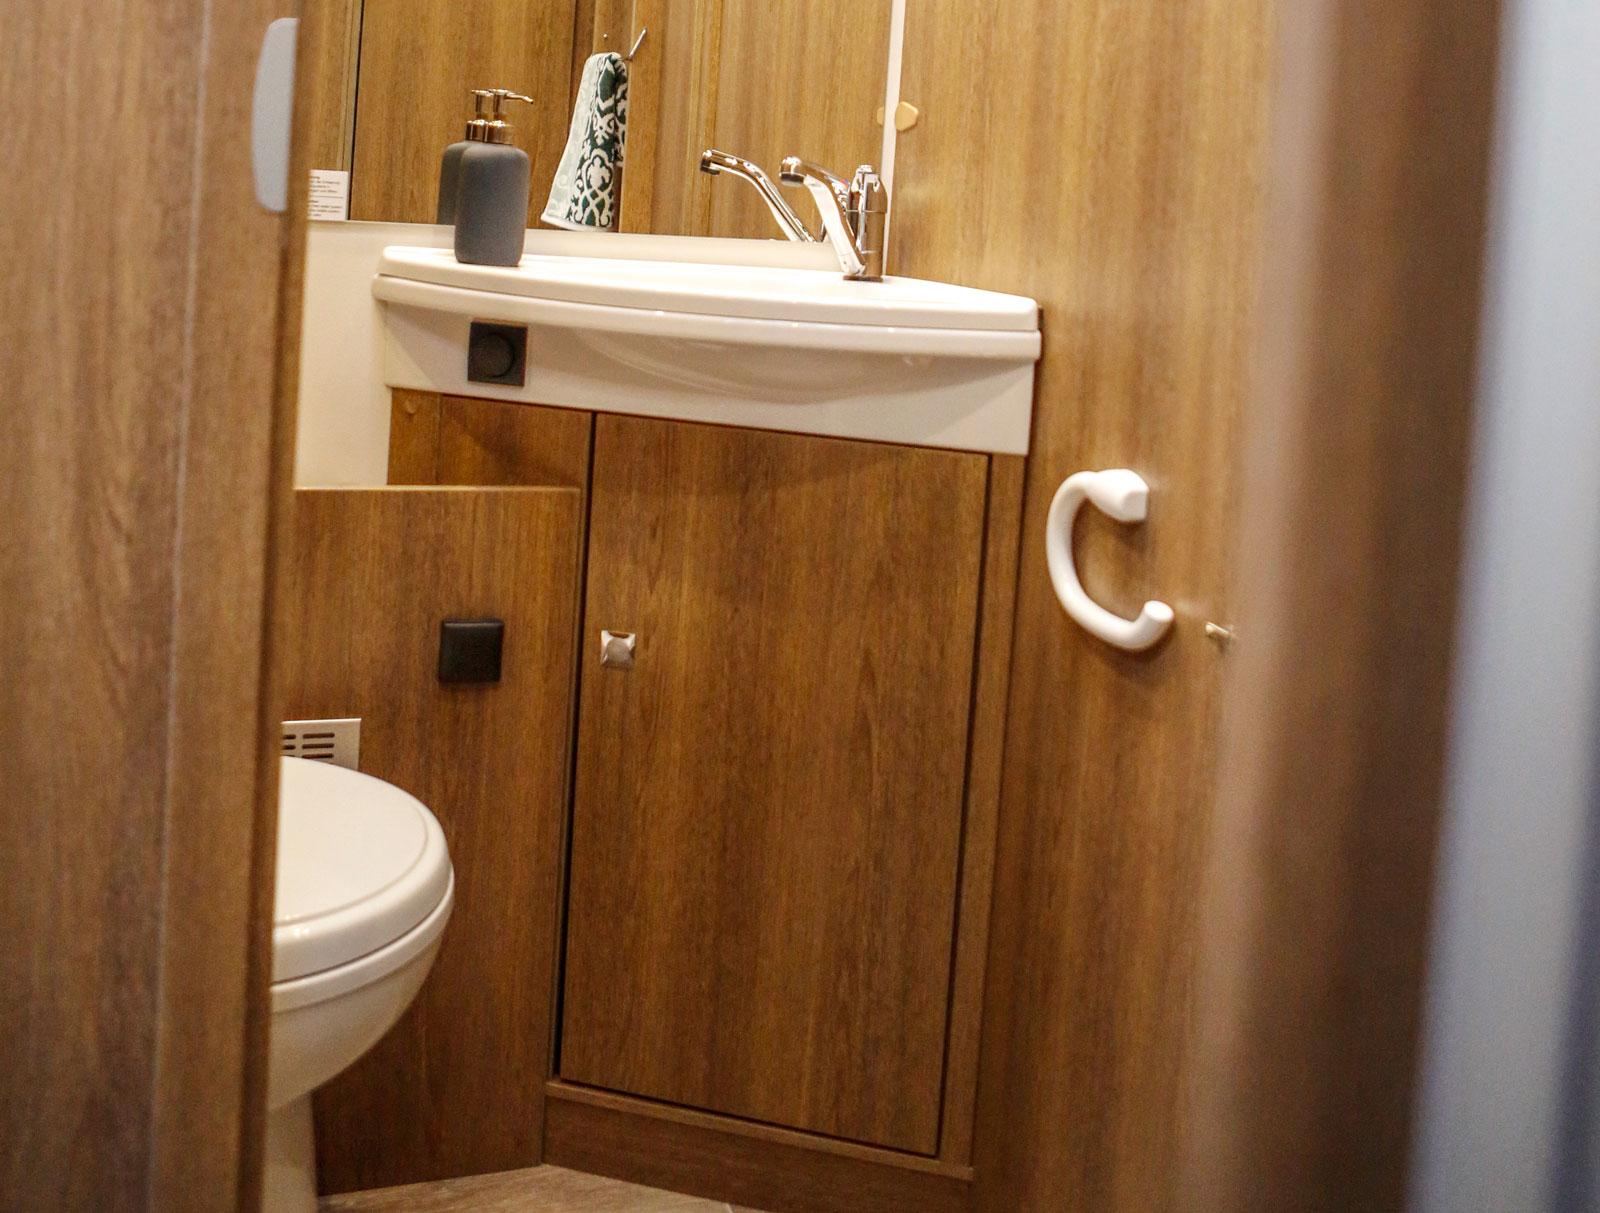 Toalett och dusch åtskilda.